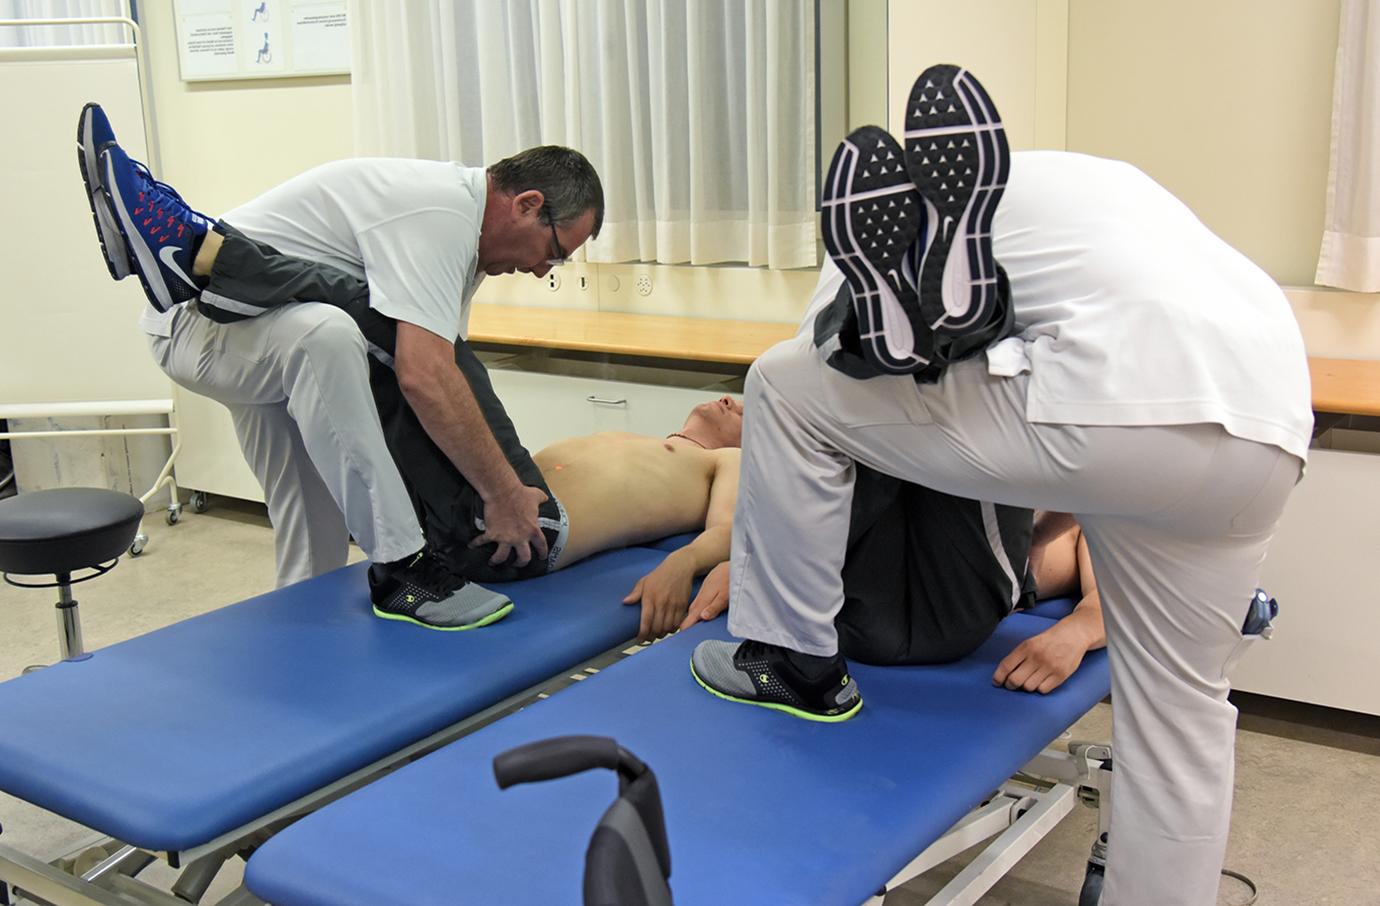 Rollstuhl-Sitz-Zentrum-Anpassung Sitzposition